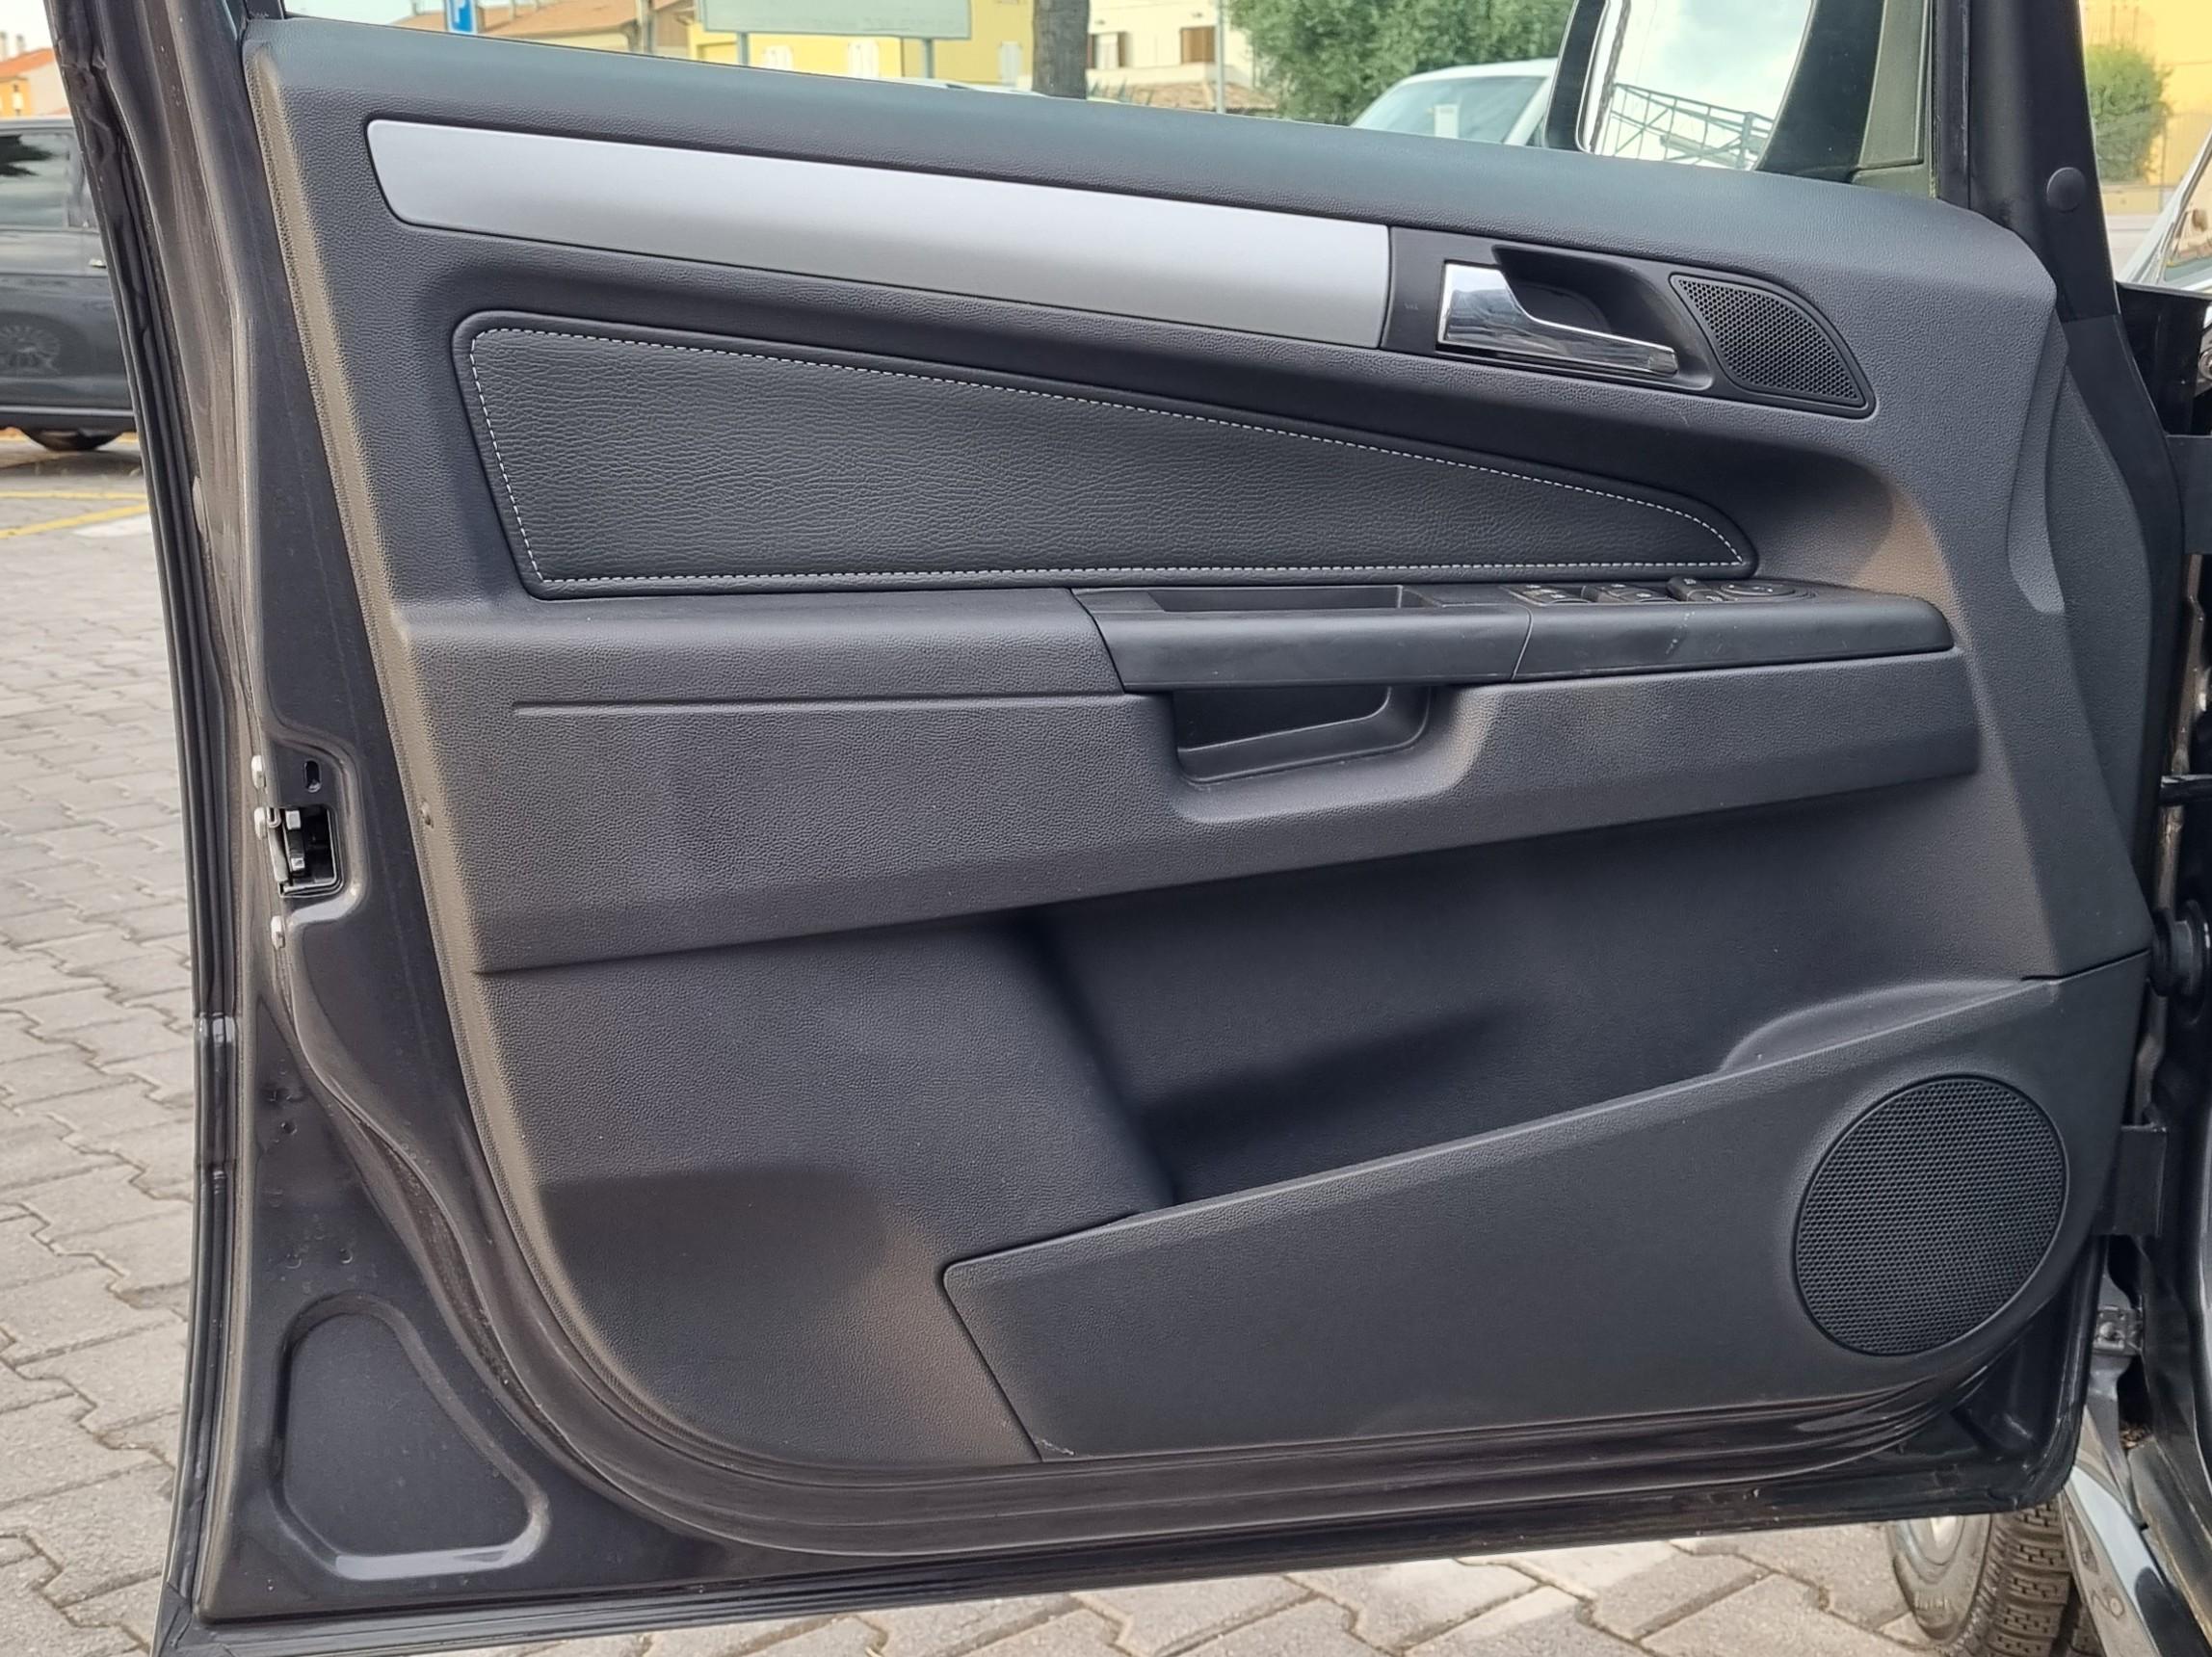 OPEL ZAFIRA 1.6 Eco M Turbo 16V